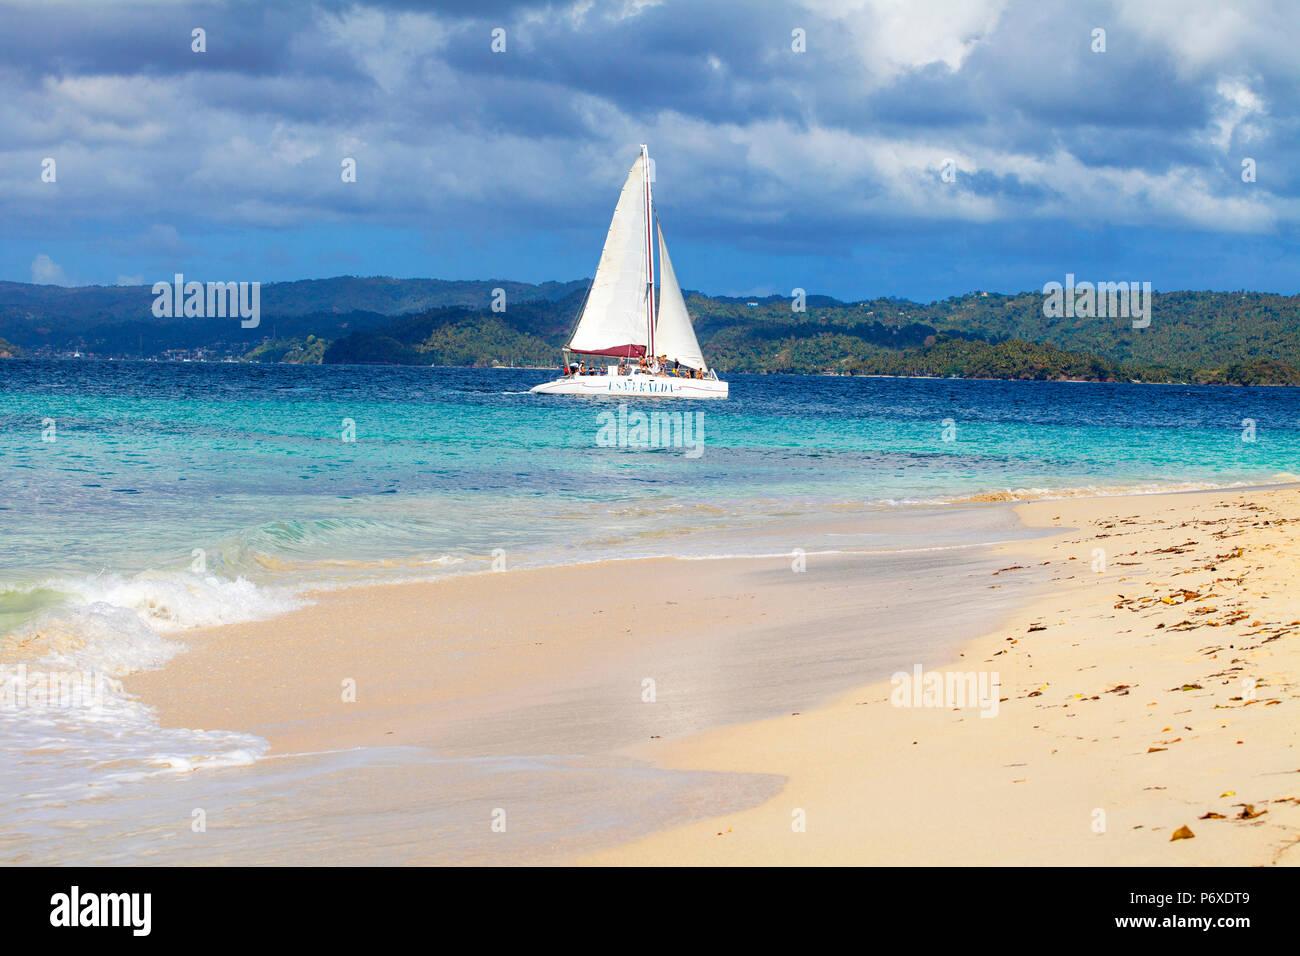 Repubblica Dominicana, Est della penisola di Samana, Samana, barca a vela vicino a Cayo Levantado sapere come Bacardi Island Immagini Stock